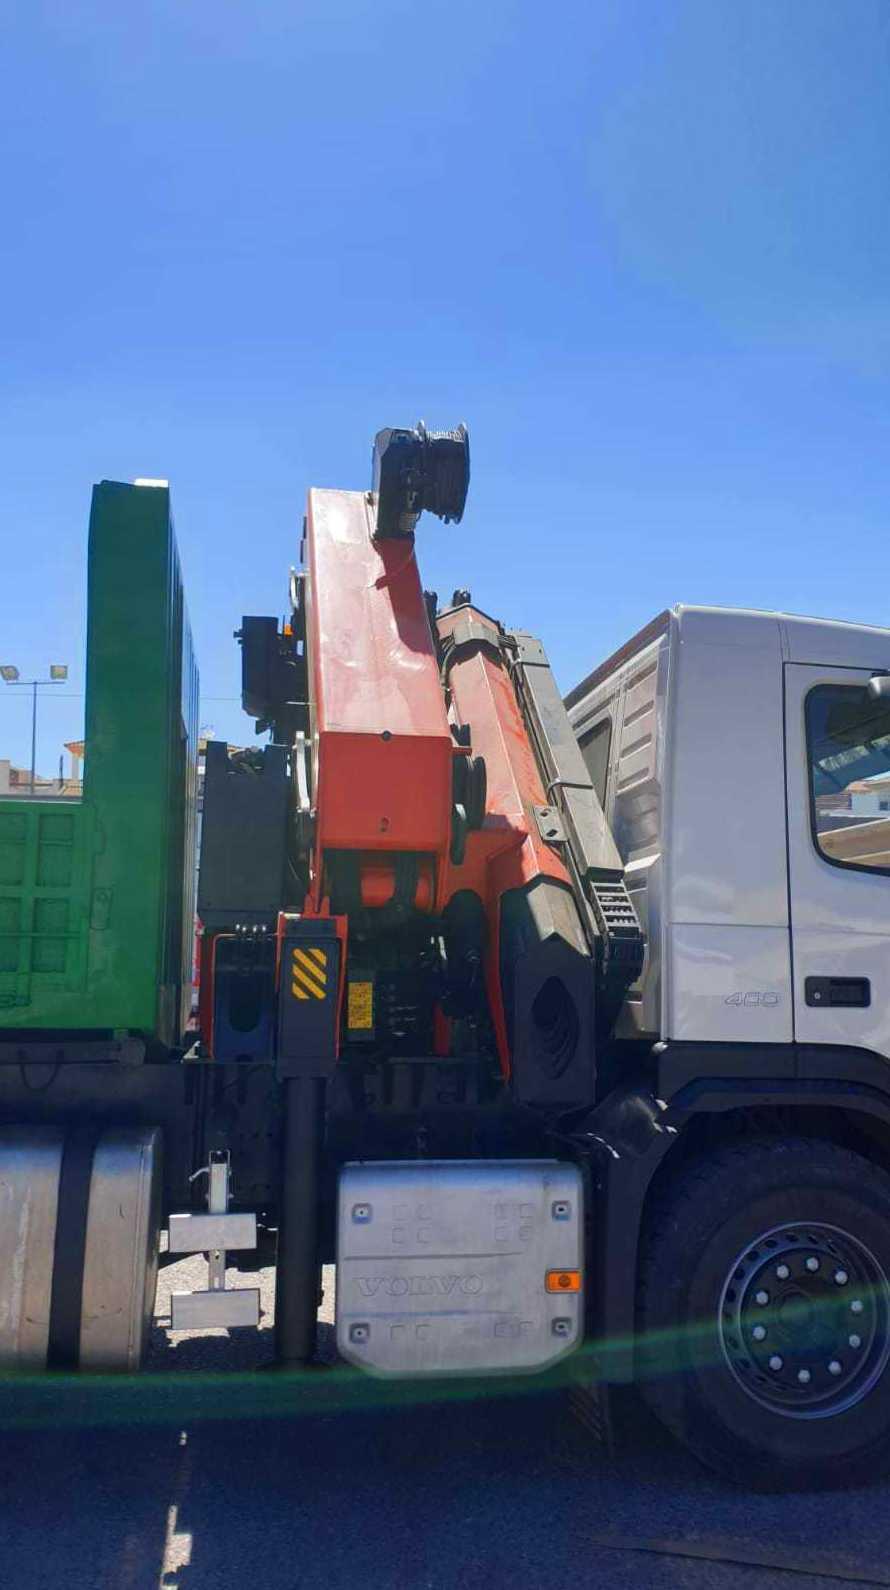 Foto 5 de Vehículos industriales en Fuente de Piedra | Talleres Joaquín López, S.L.